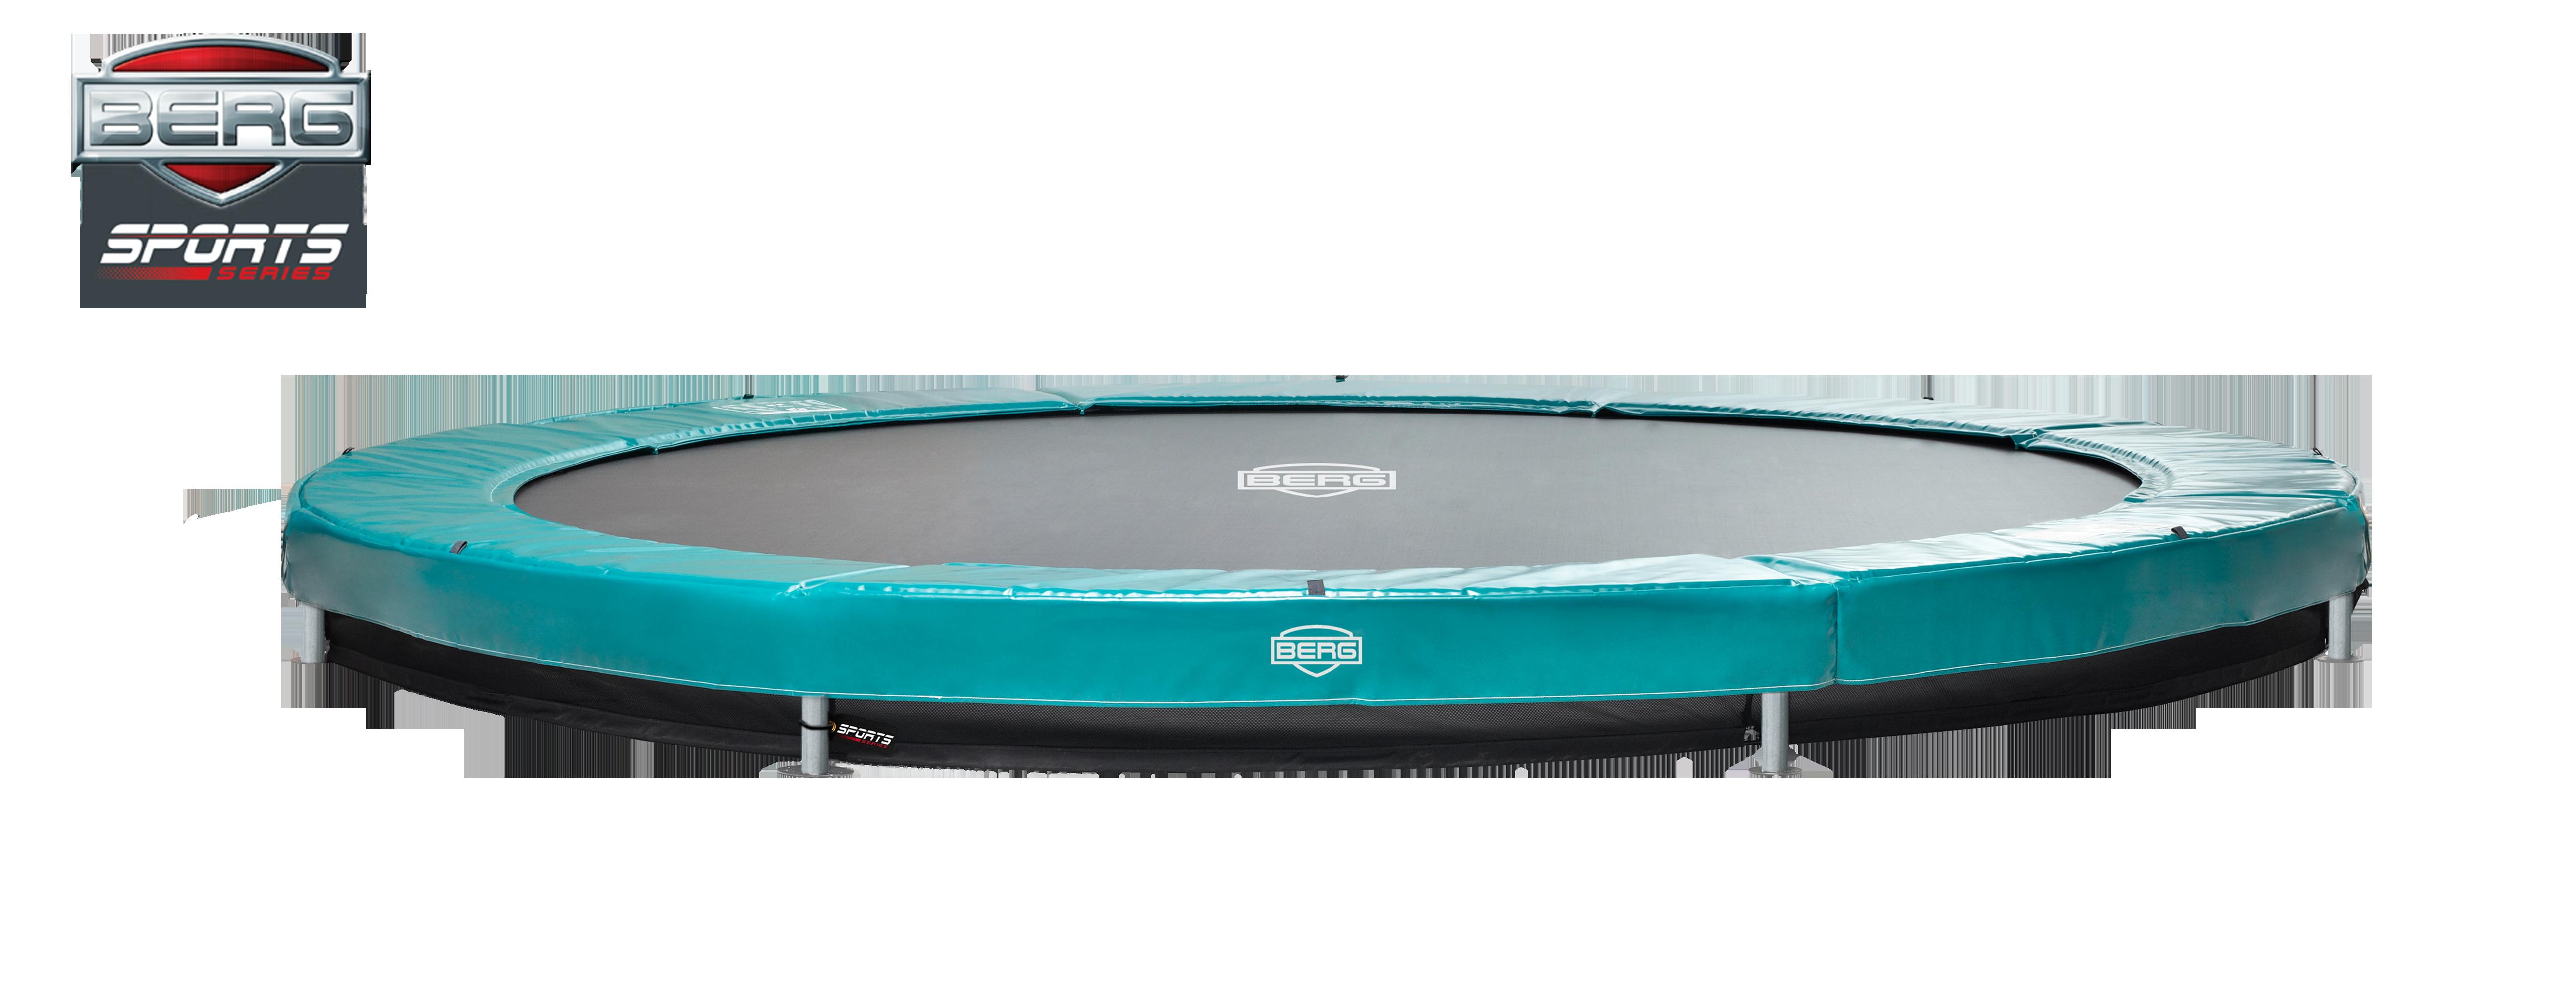 Berg Elite+ trampolin til nedgravning grøn - 380 cm